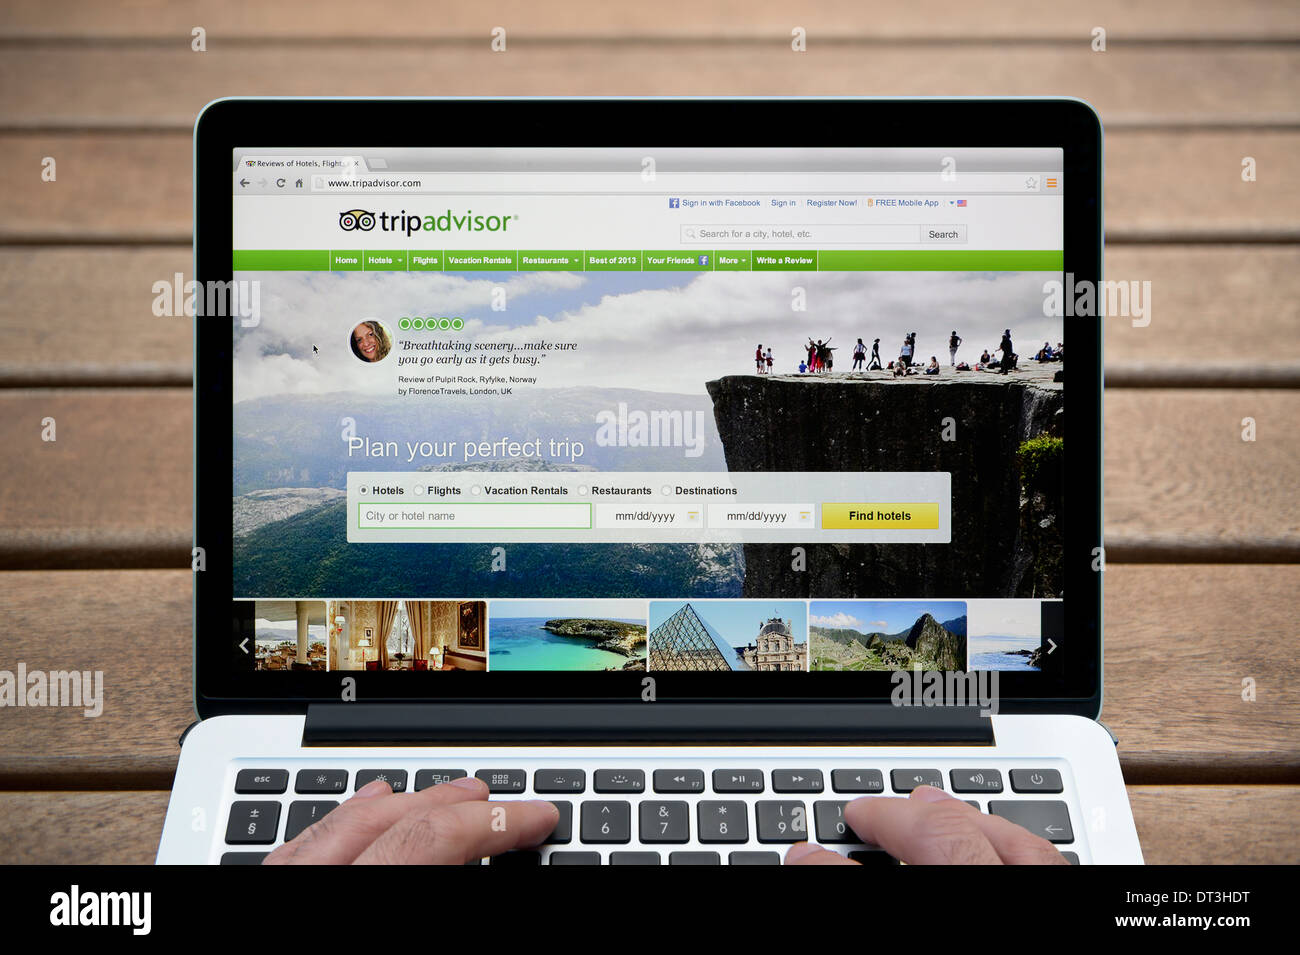 El sitio web de Tripadvisor en MacBook contra un banco de madera de fondo al aire libre incluyendo un hombre de dedos (uso Editorial solamente). Imagen De Stock